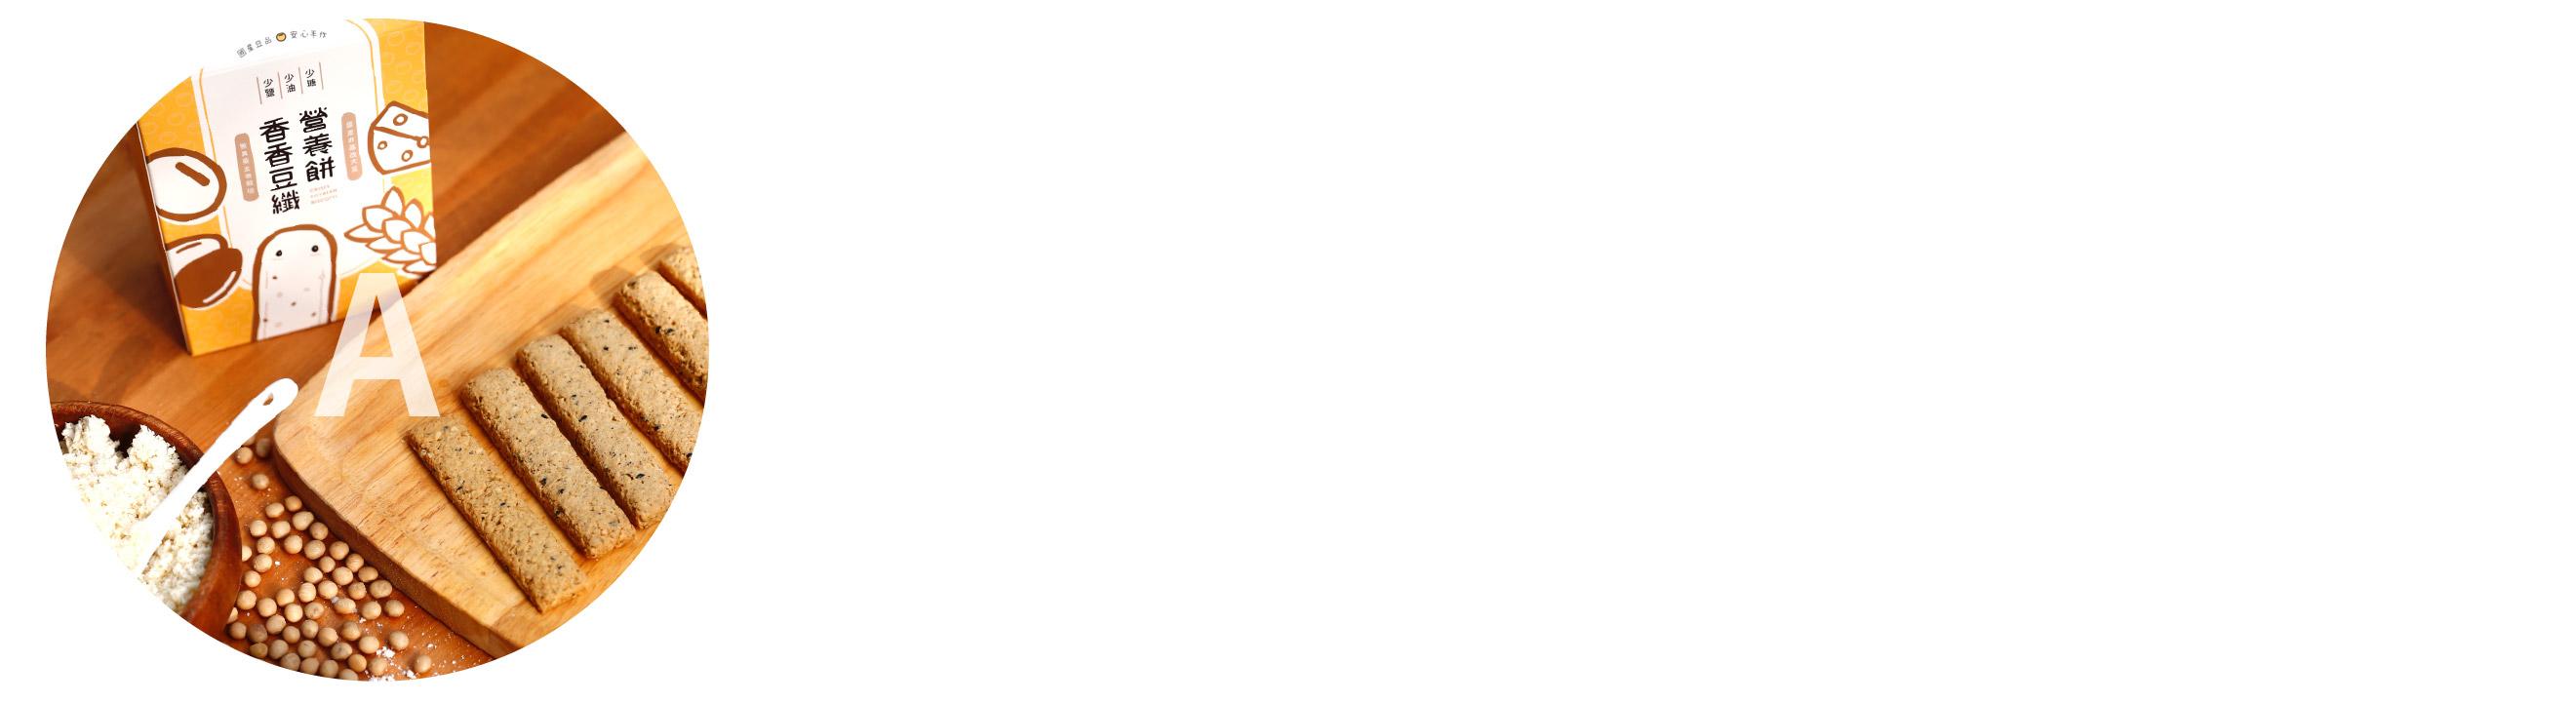 甘樂文創社創良品採購型錄_工作區域 1 複本 40.jpg